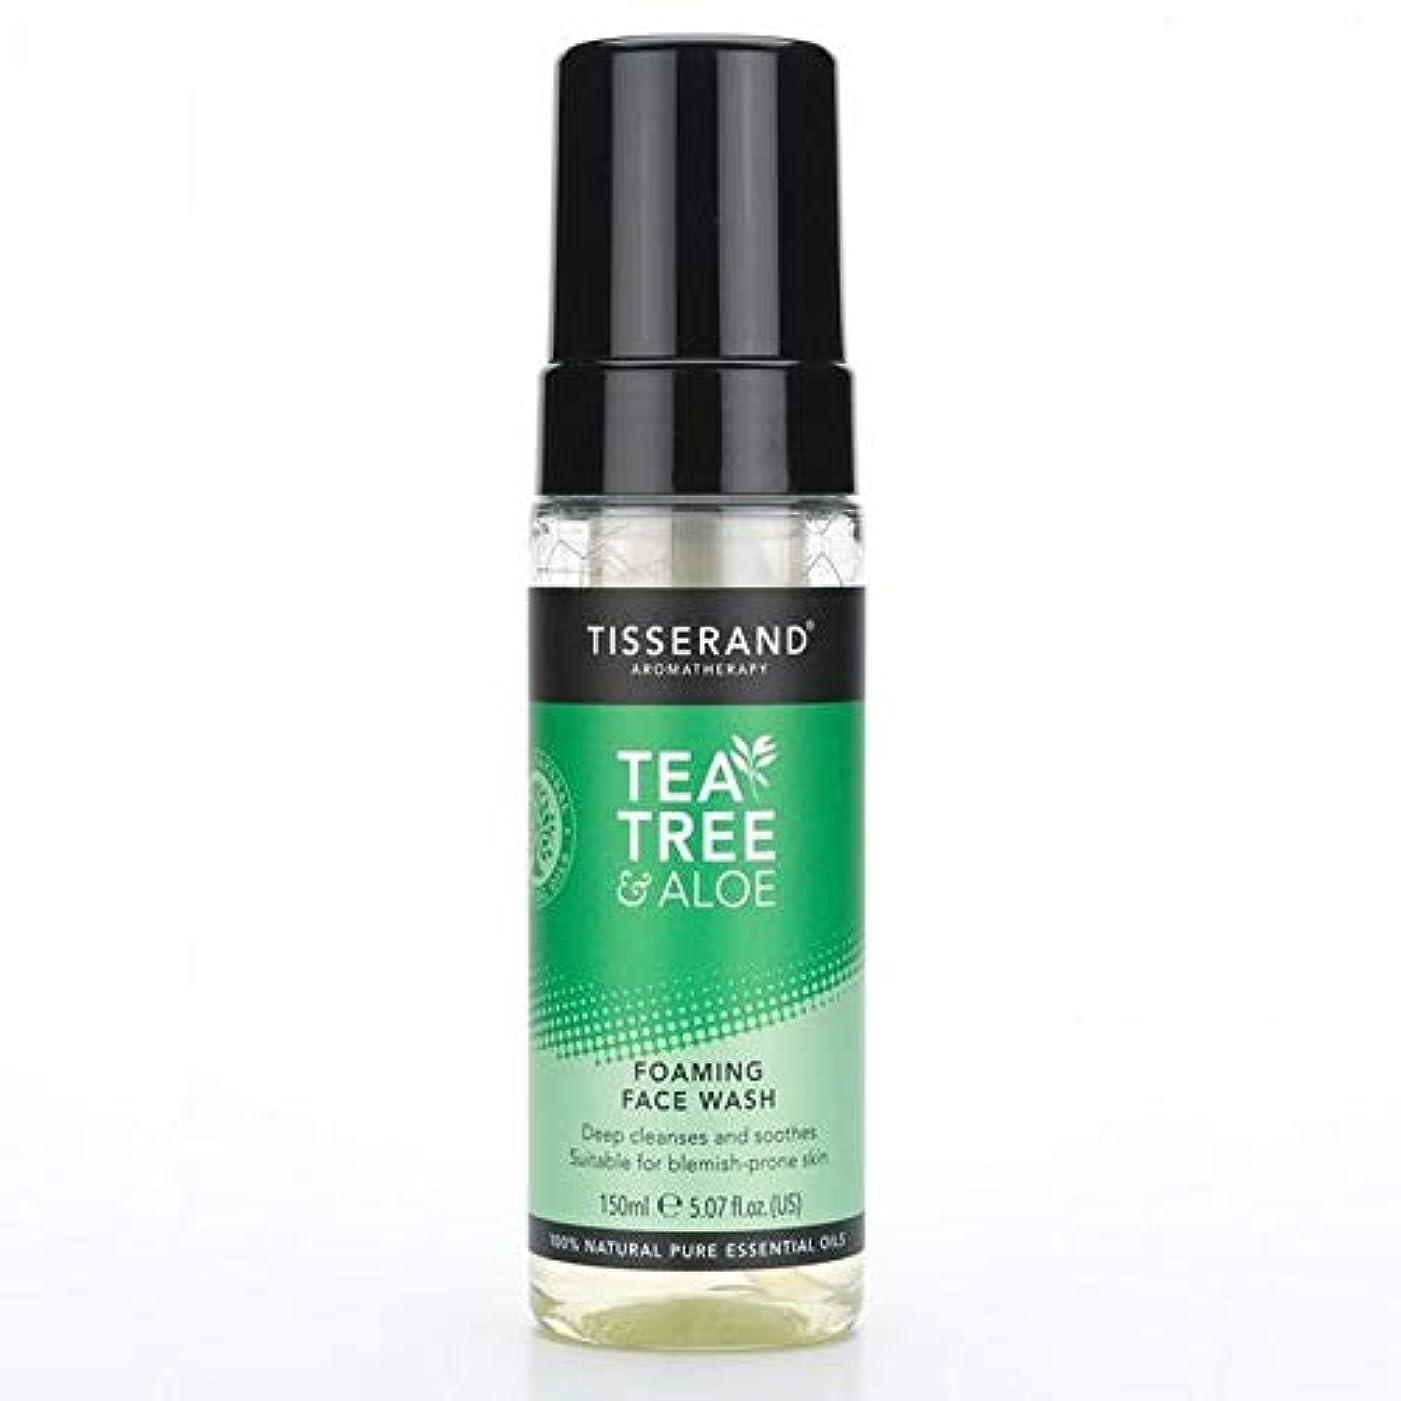 定義誠実慎重[Tisserand] 洗顔料の150ミリリットルを発泡ティスランドティーツリー&アロエ - Tisserand Tea Tree & Aloe Foaming Face Wash 150ml [並行輸入品]